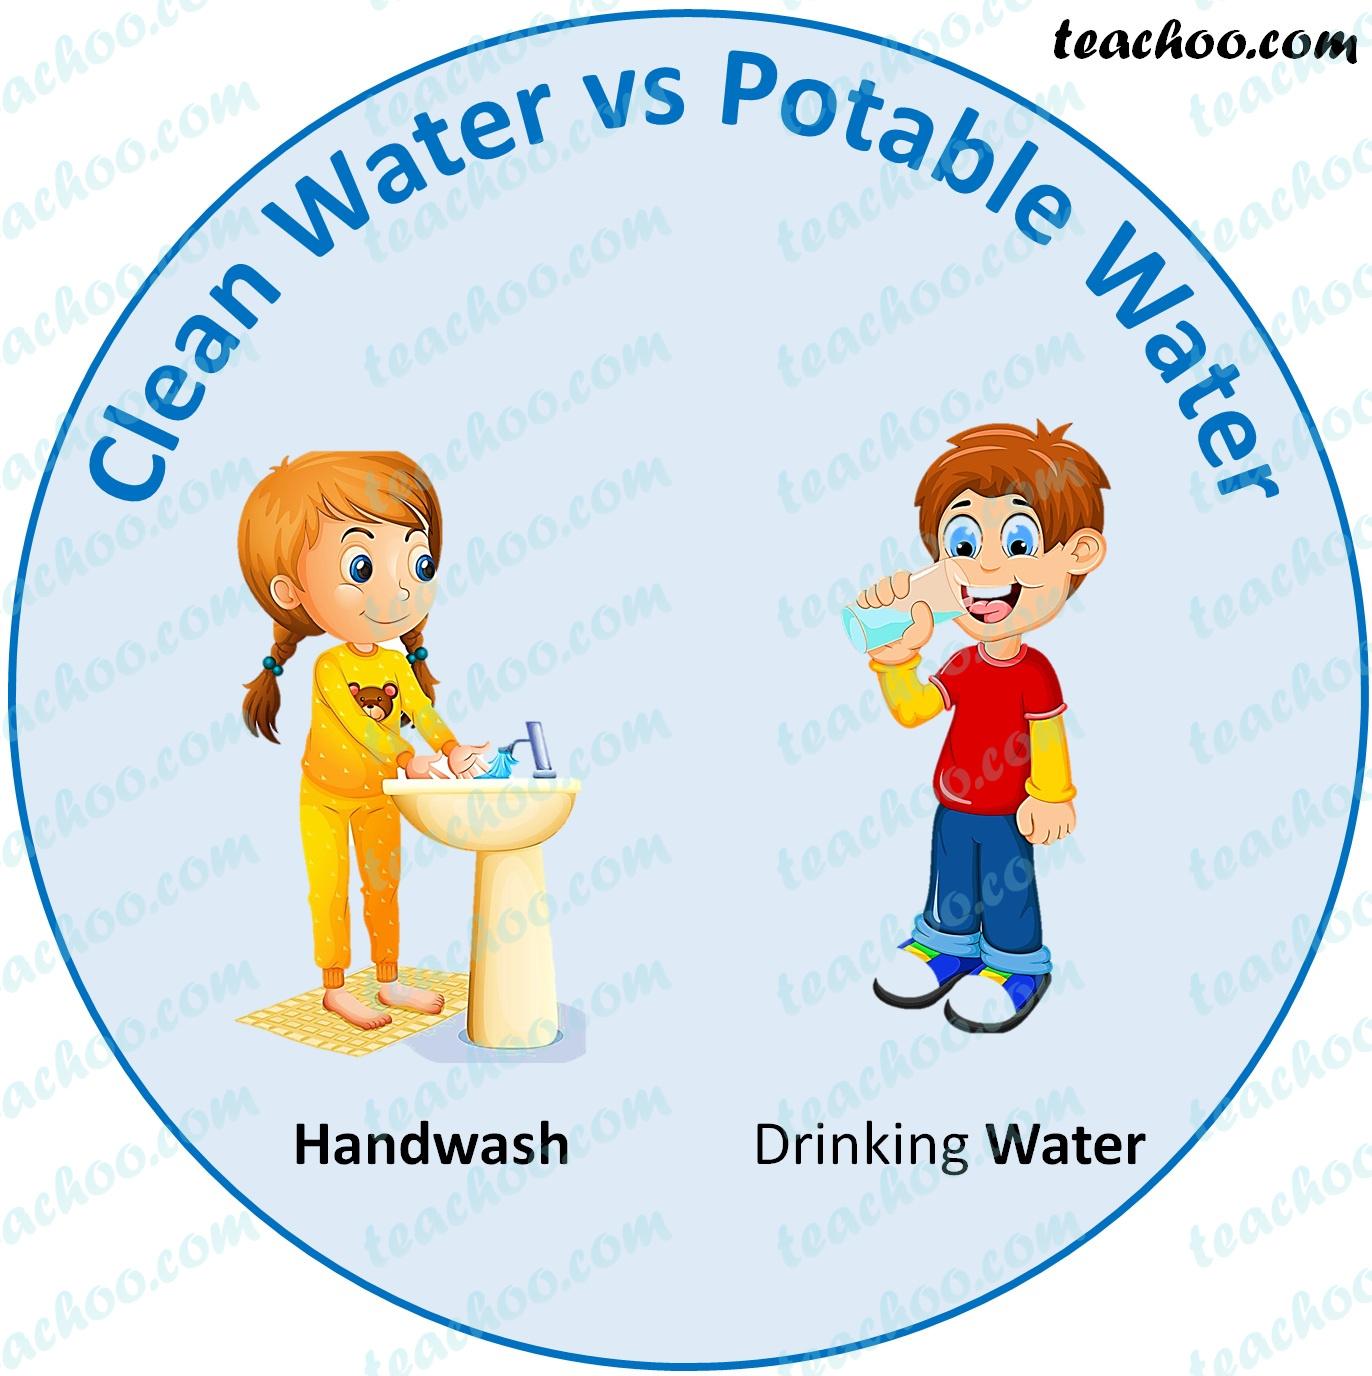 clean-water-vs-potable-water.jpg